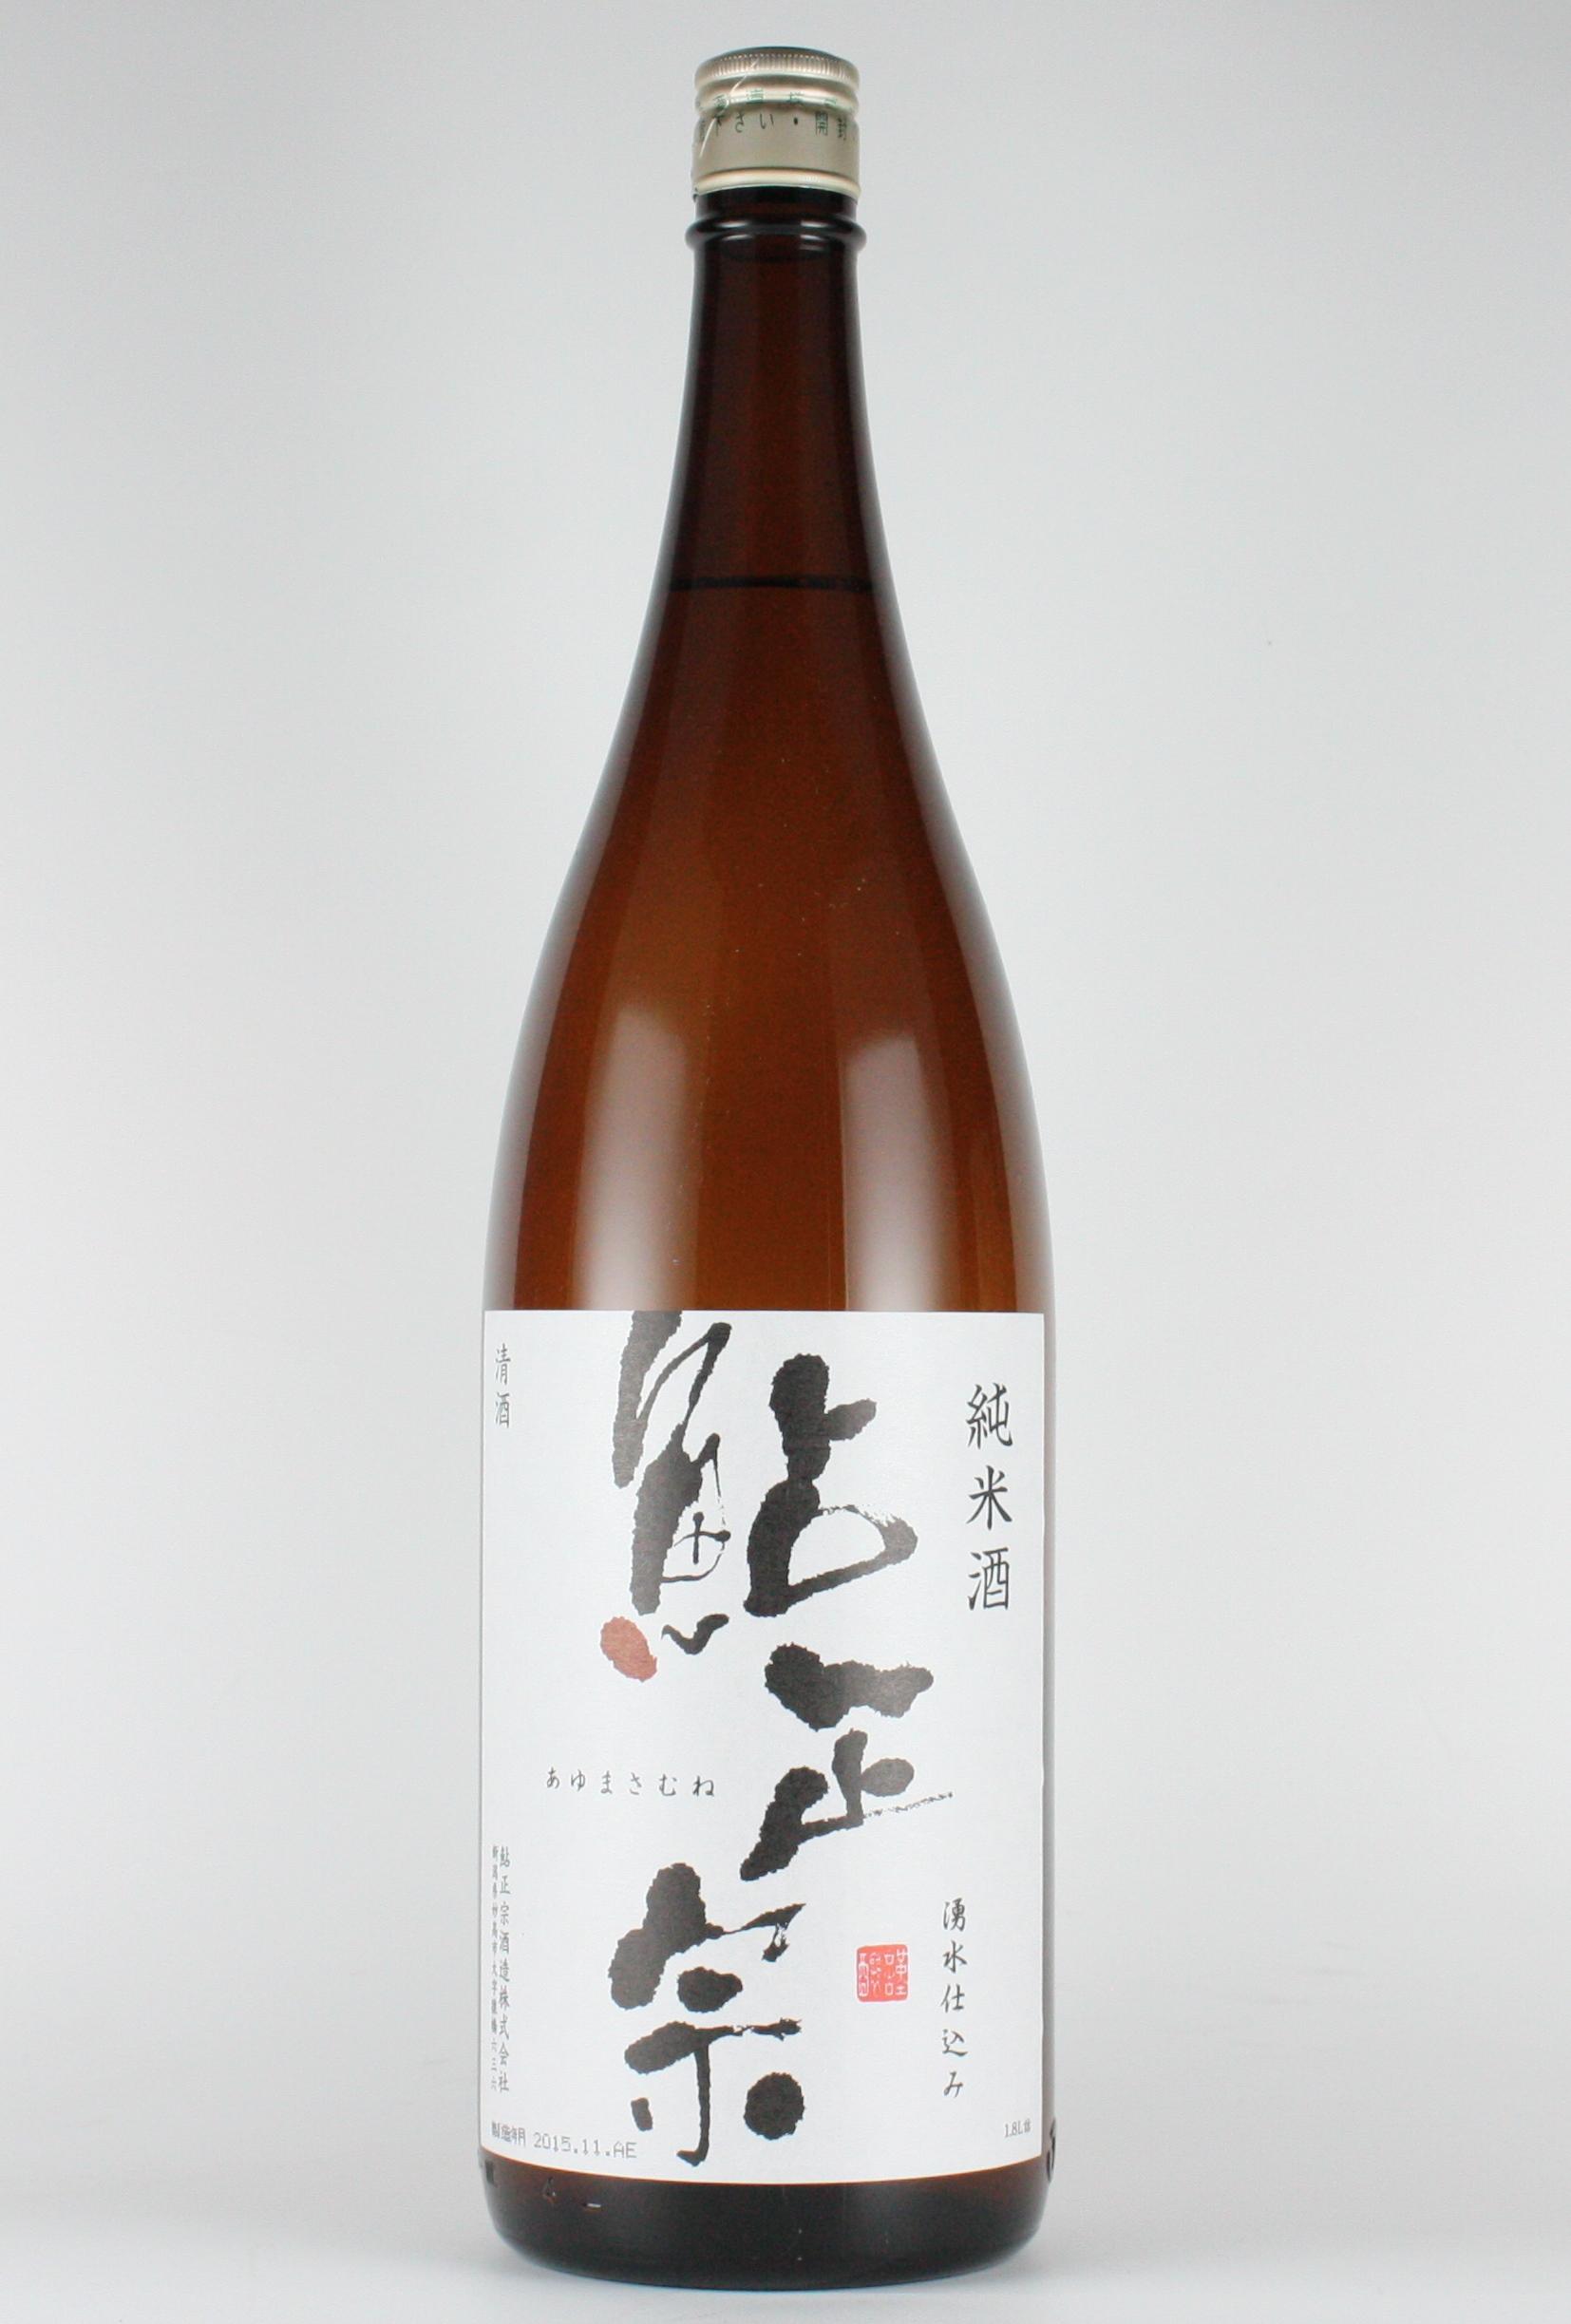 鮎正宗 純米 1800ml 【新潟/鮎正宗酒造】